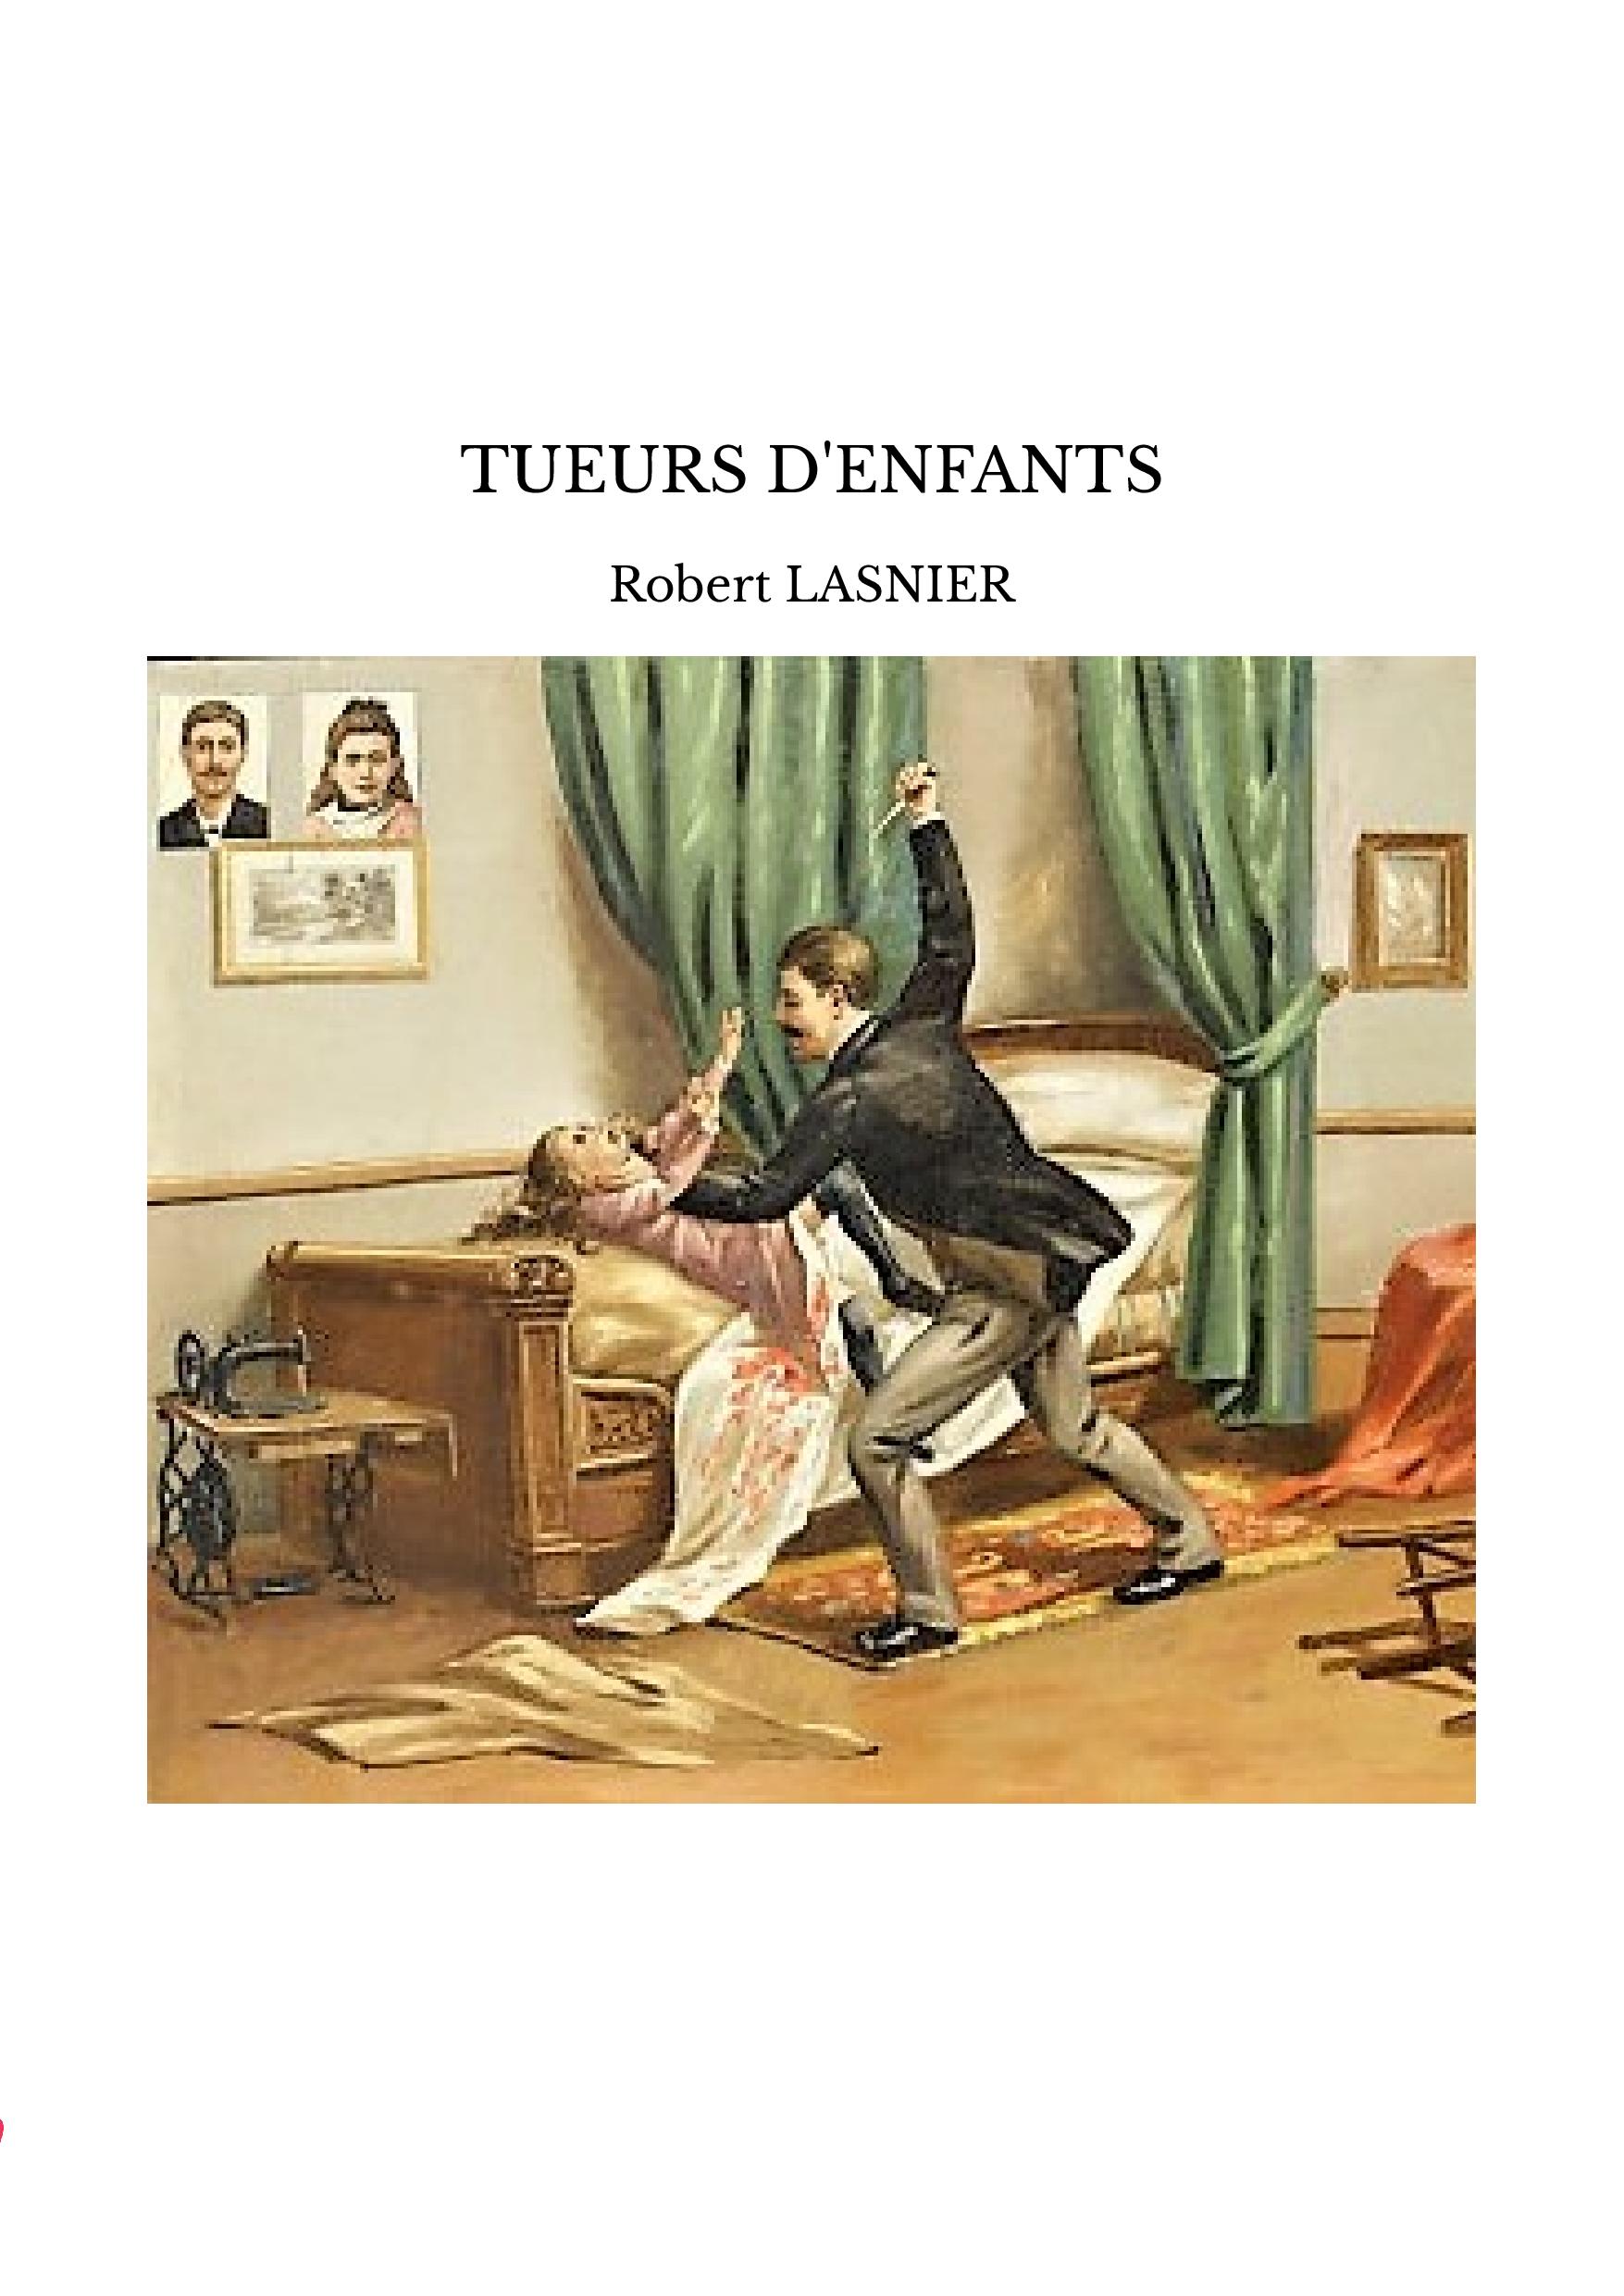 TUEURS D'ENFANTS